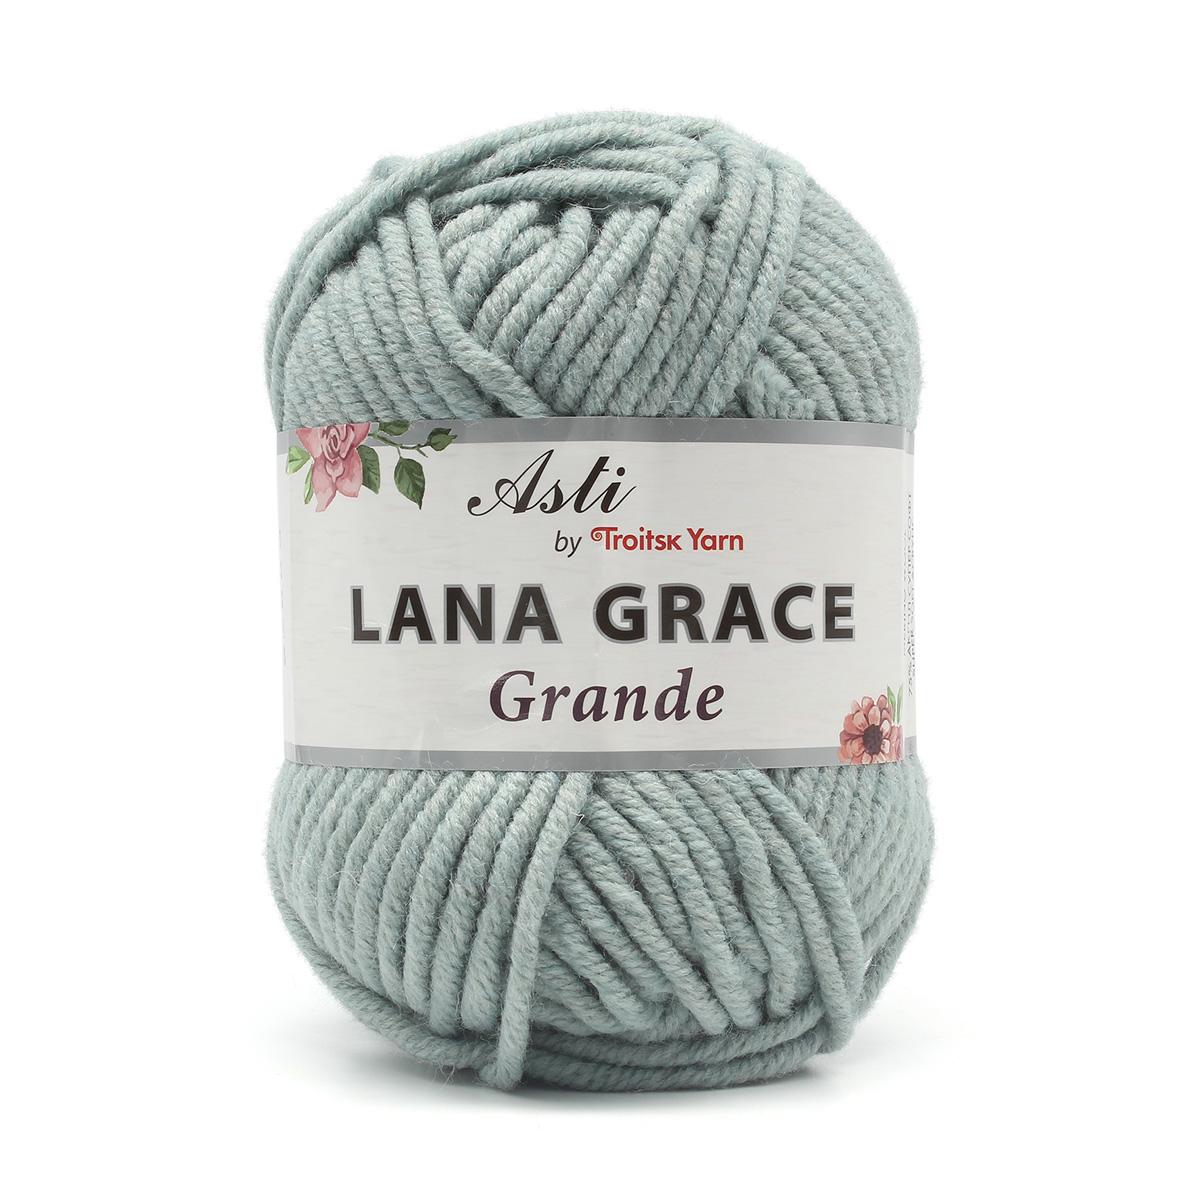 Пряжа из Троицка 'Lana Grace Grande' 100гр. 65м. (25% мериносовая шерсть, 75% акрил супер софт )